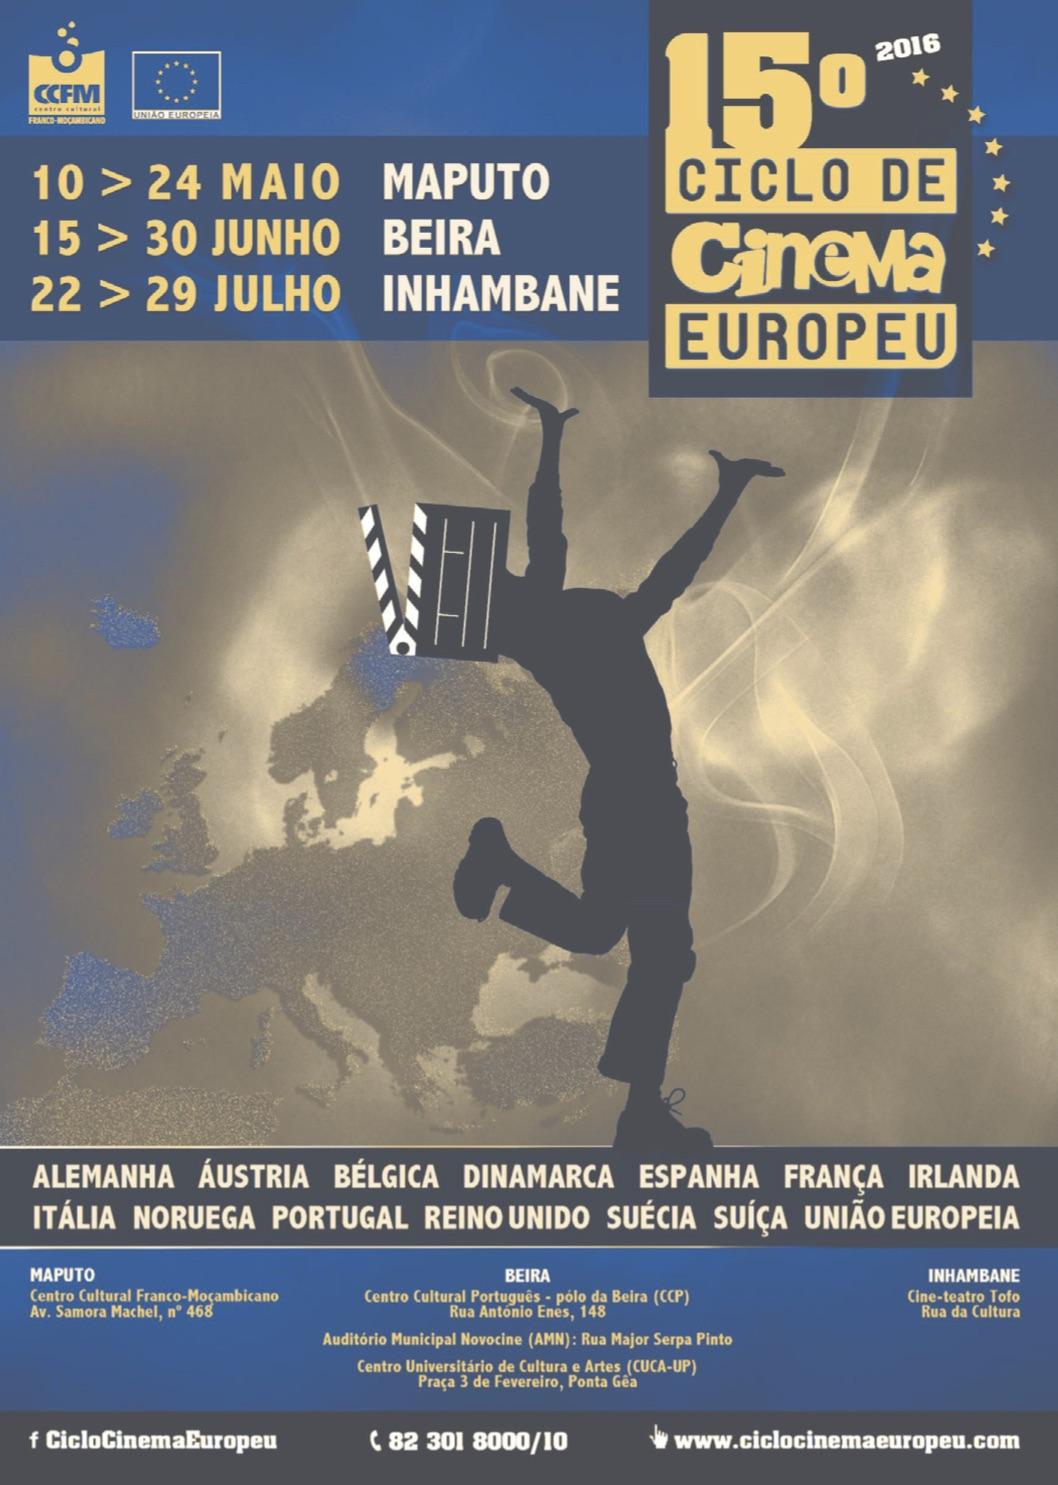 (Imagem: Divulgação Ciclo de Cinema Europeu)